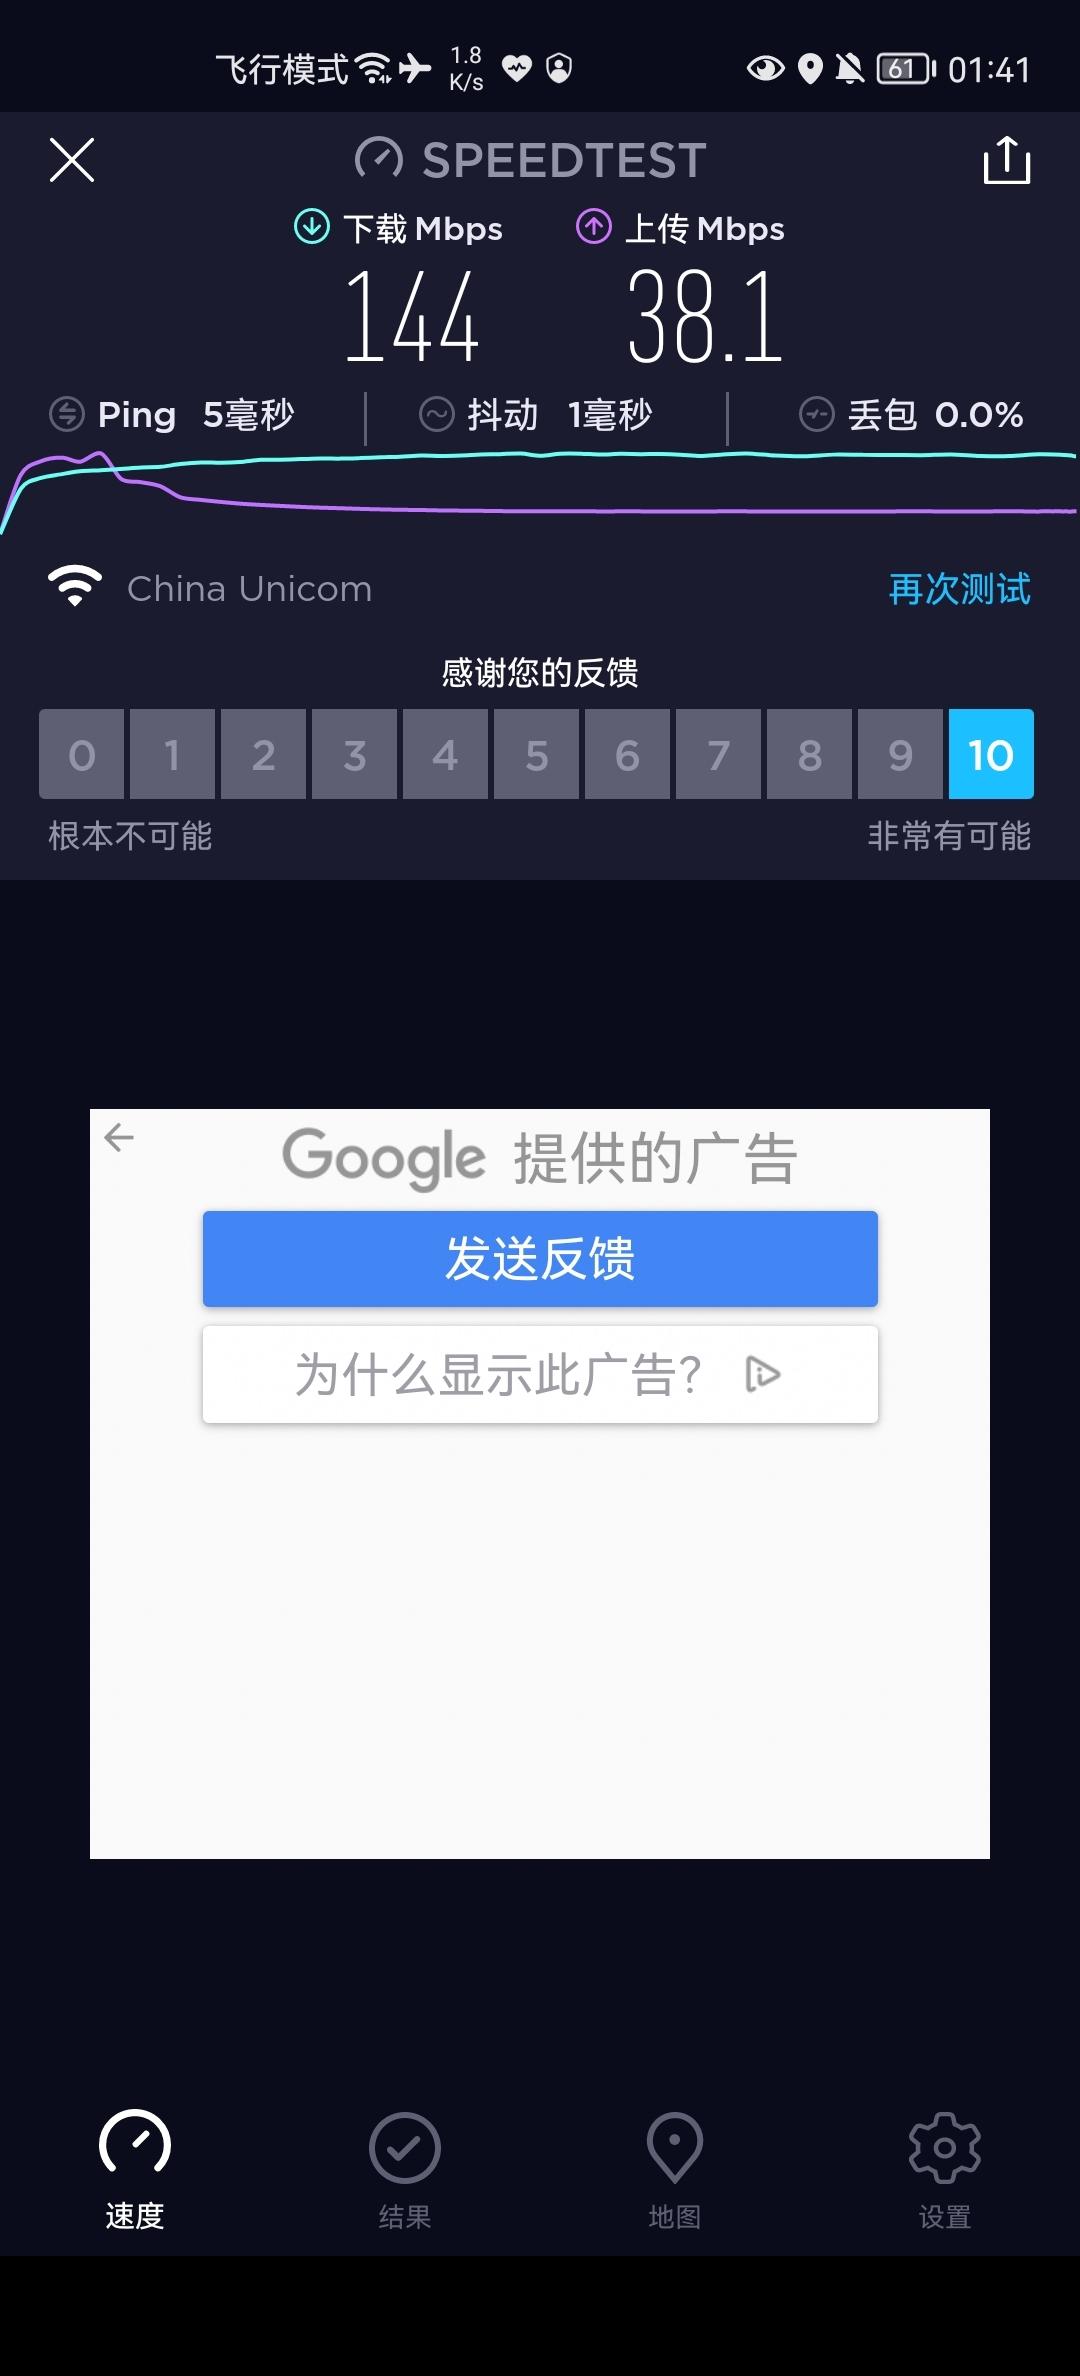 Screenshot_20210917_014119_org.zwanoo.android.speedtest.jpg